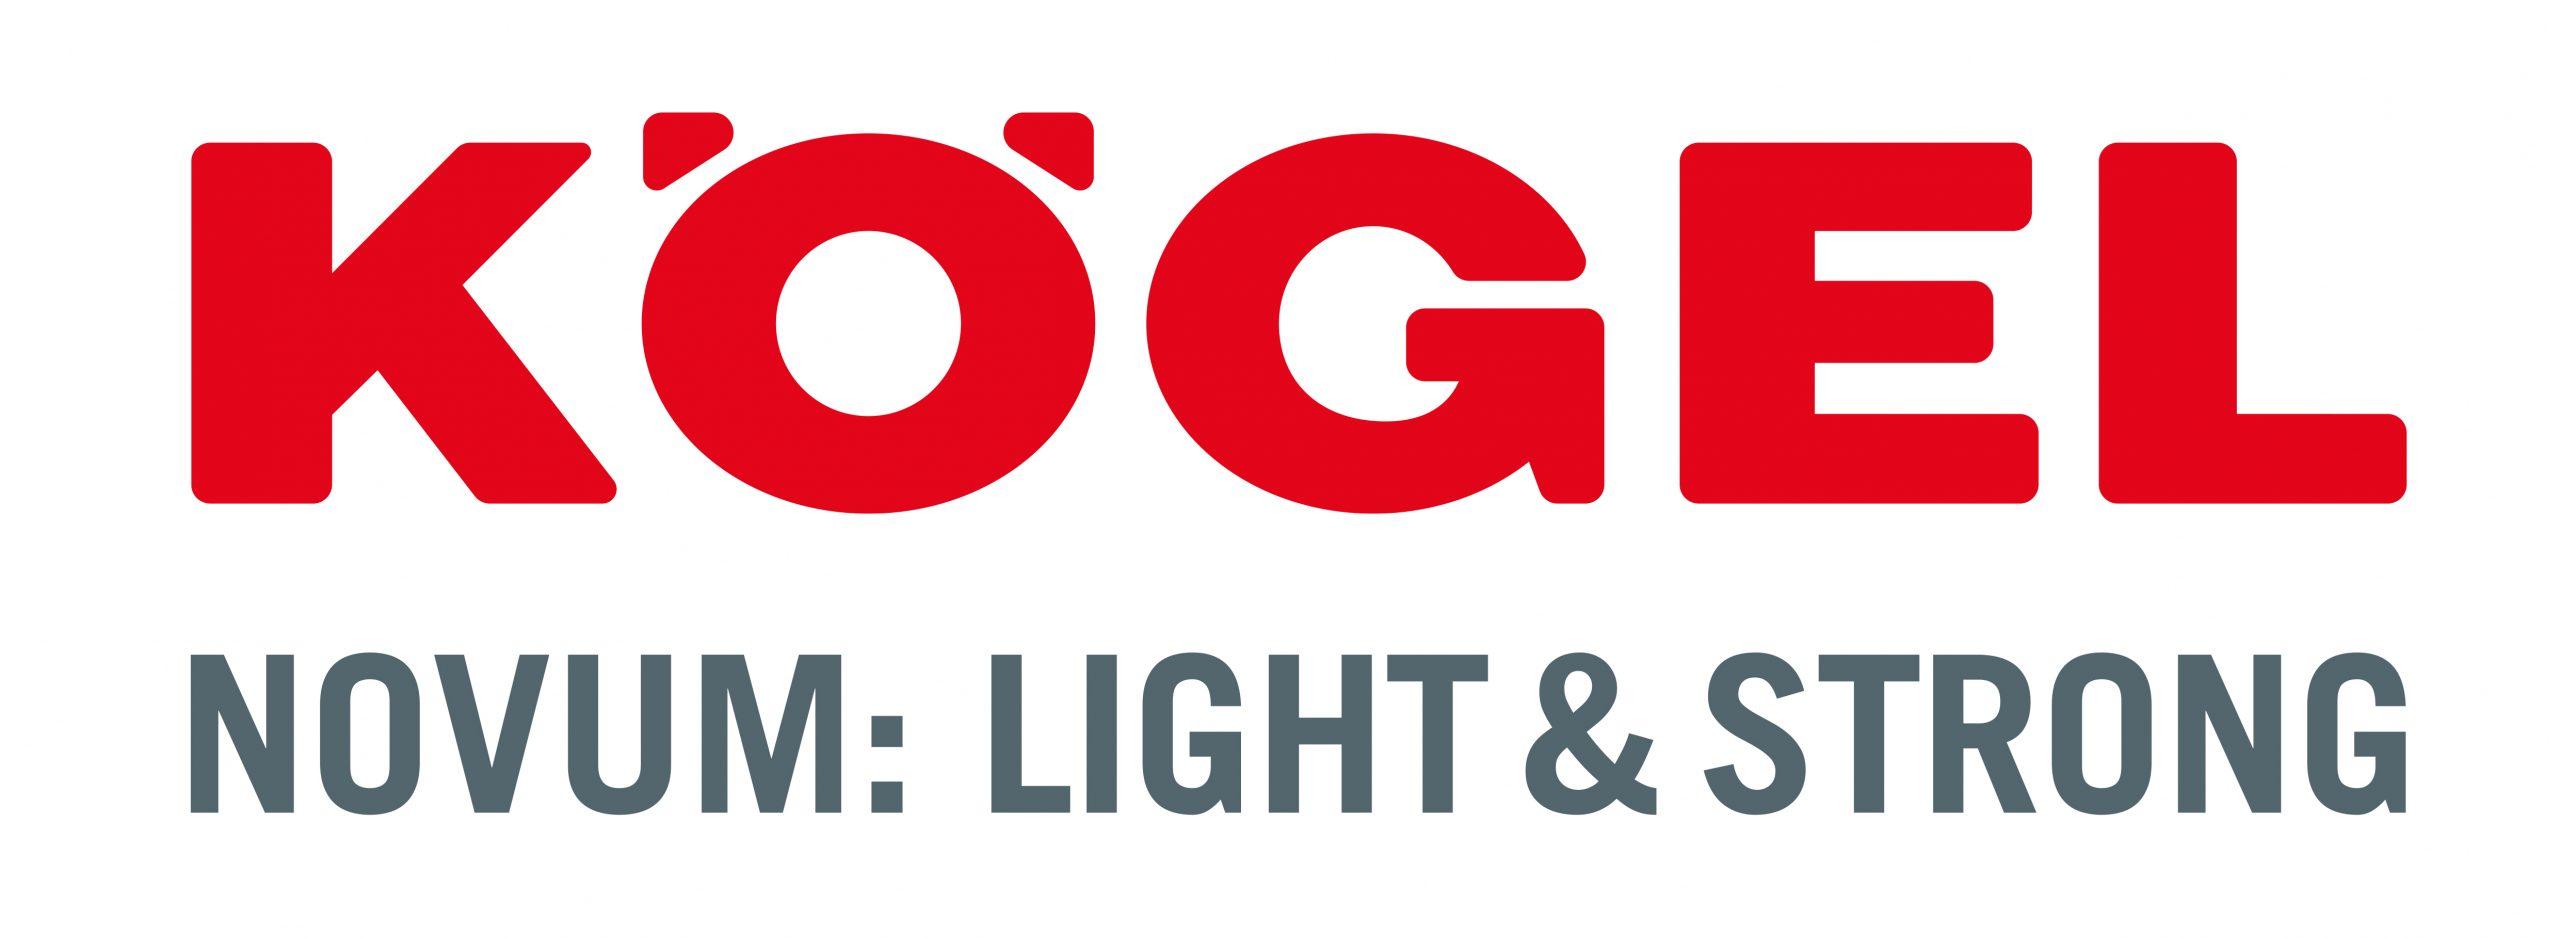 Koegel_Logo_NOVUM_Light_&_Strong